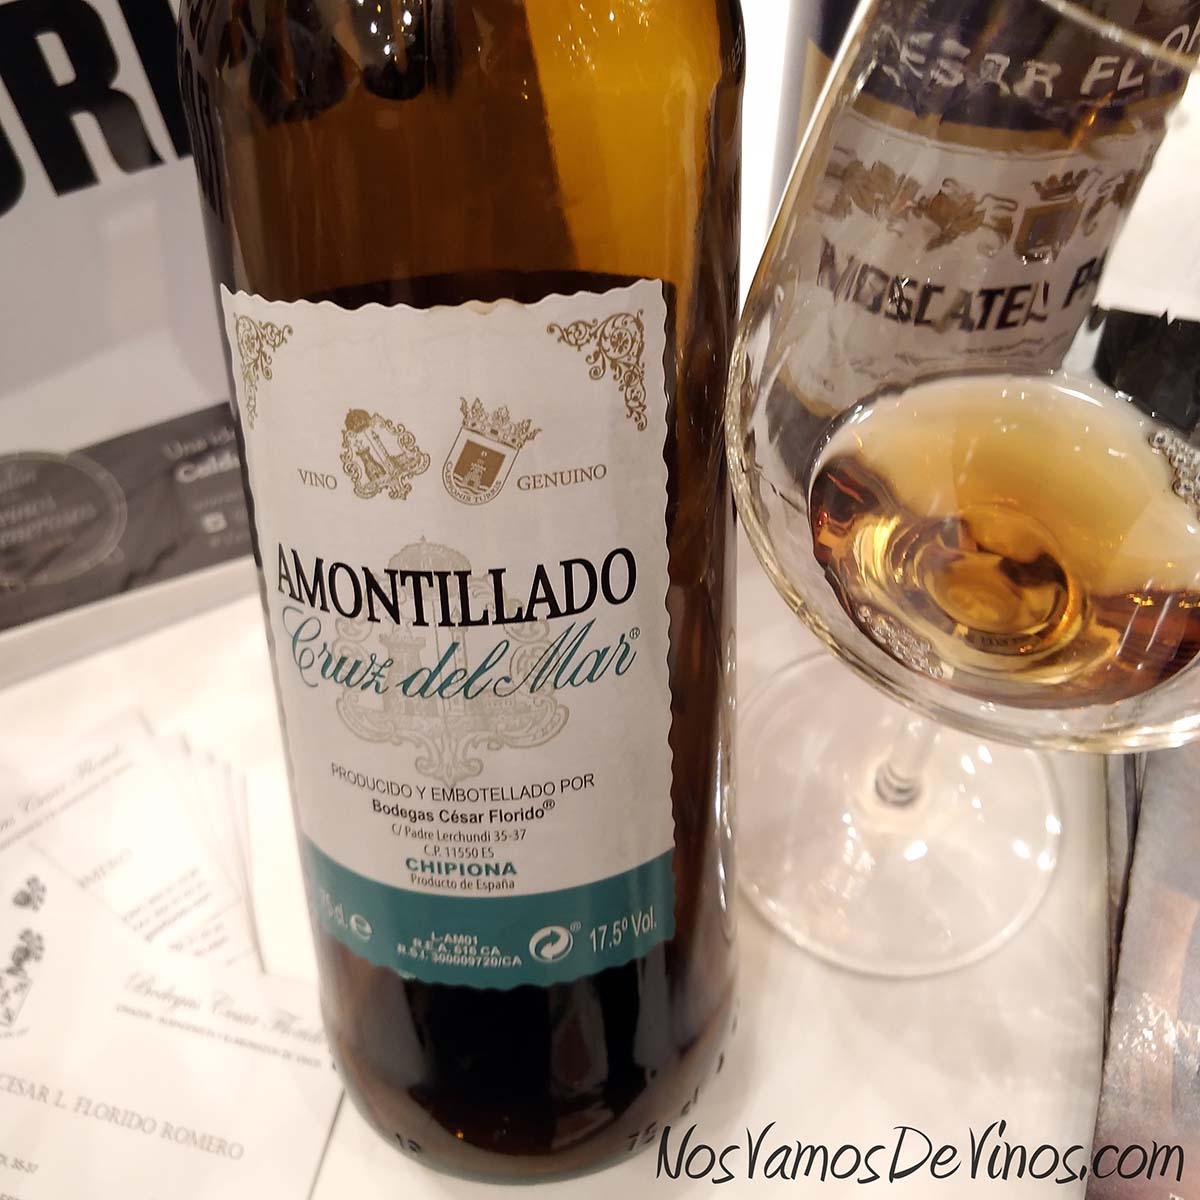 César Florido Amontillado Cruz del Mar V Salón de los Vinos Generosos